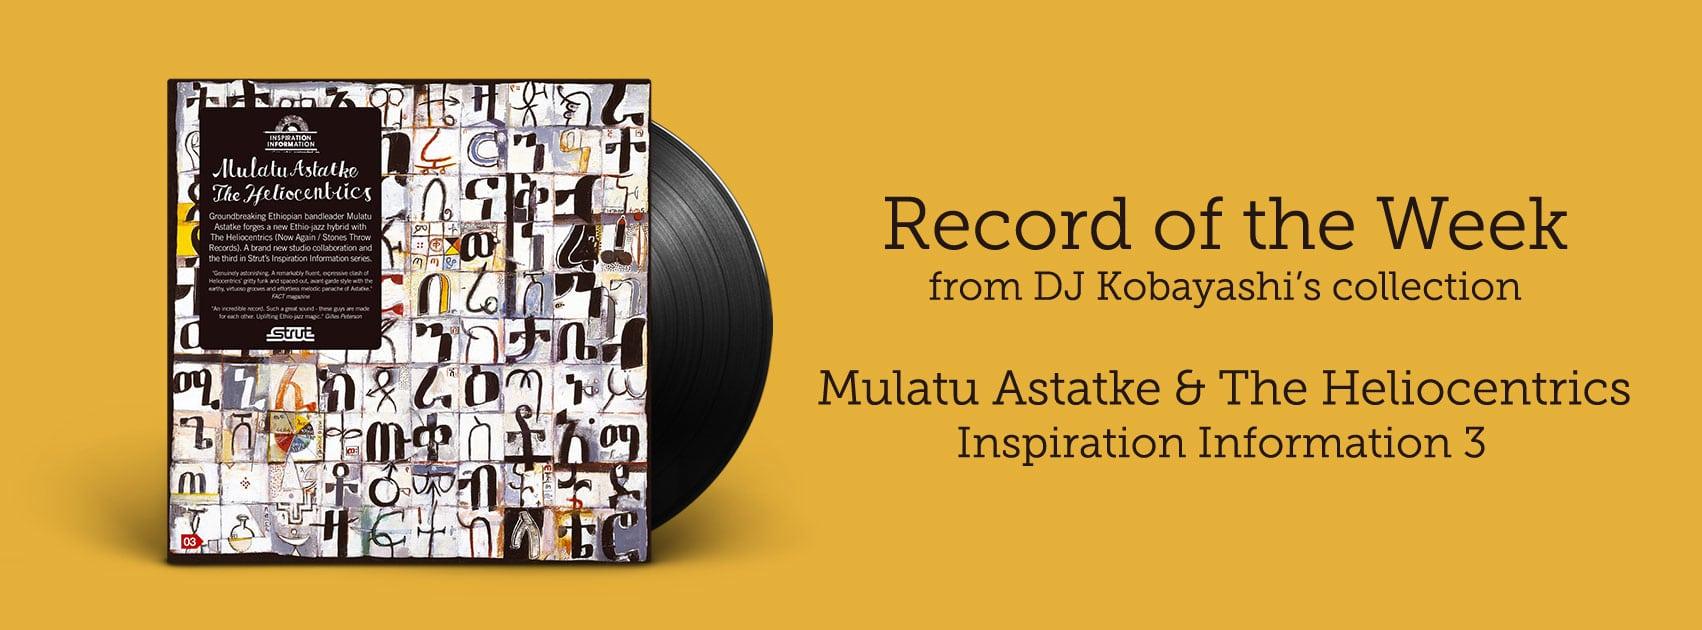 Mulatu Astatke and The Heliocentrics